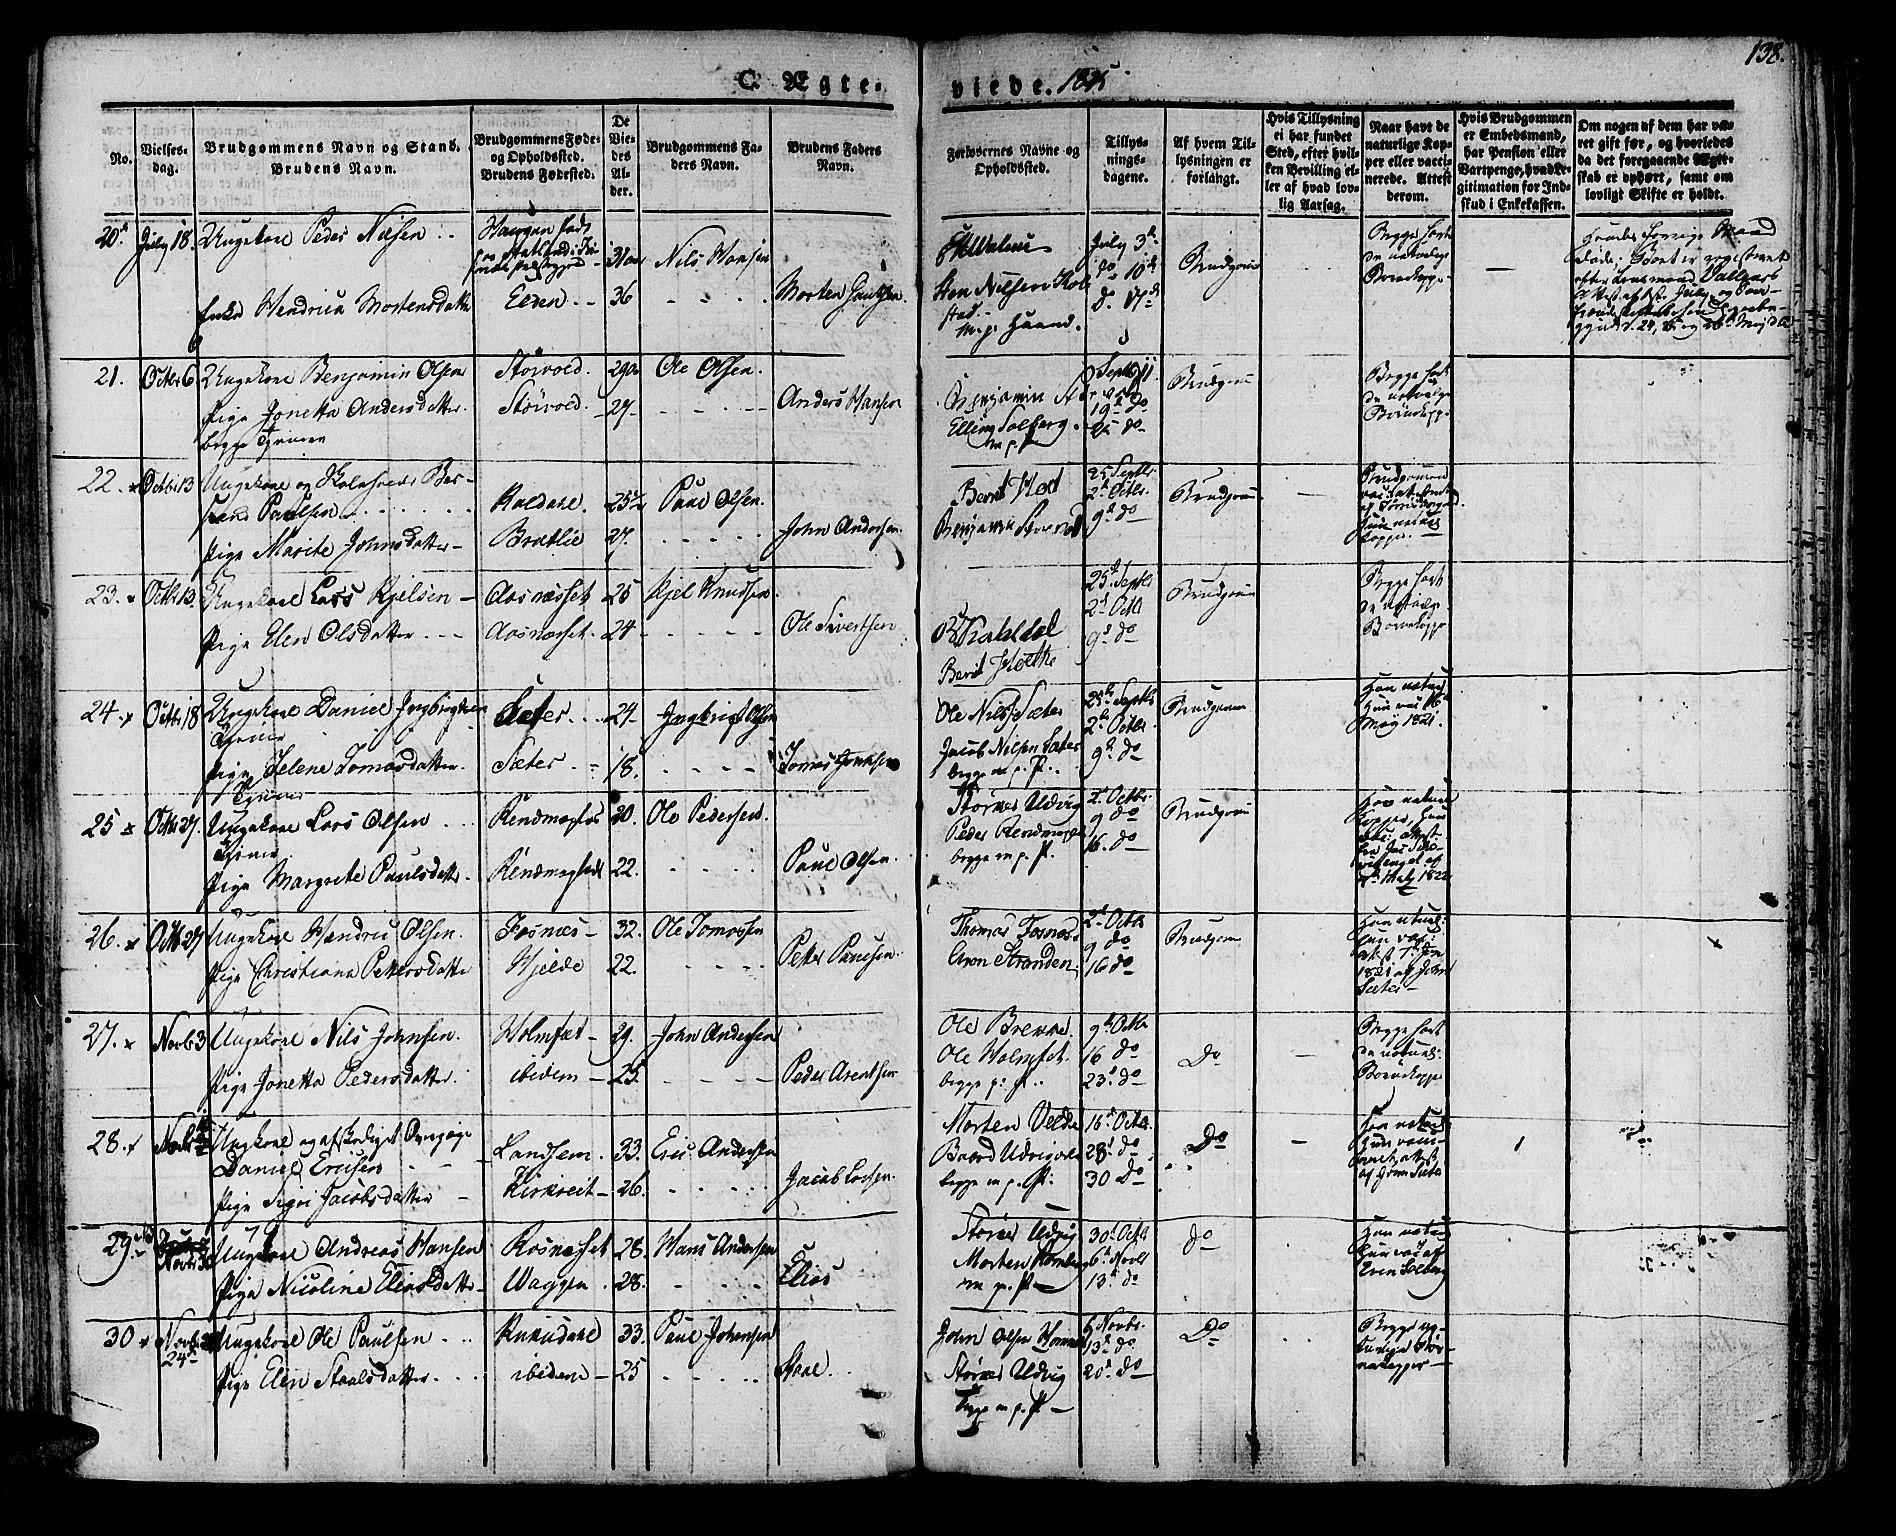 SAT, Ministerialprotokoller, klokkerbøker og fødselsregistre - Nord-Trøndelag, 741/L0390: Ministerialbok nr. 741A04, 1822-1836, s. 138